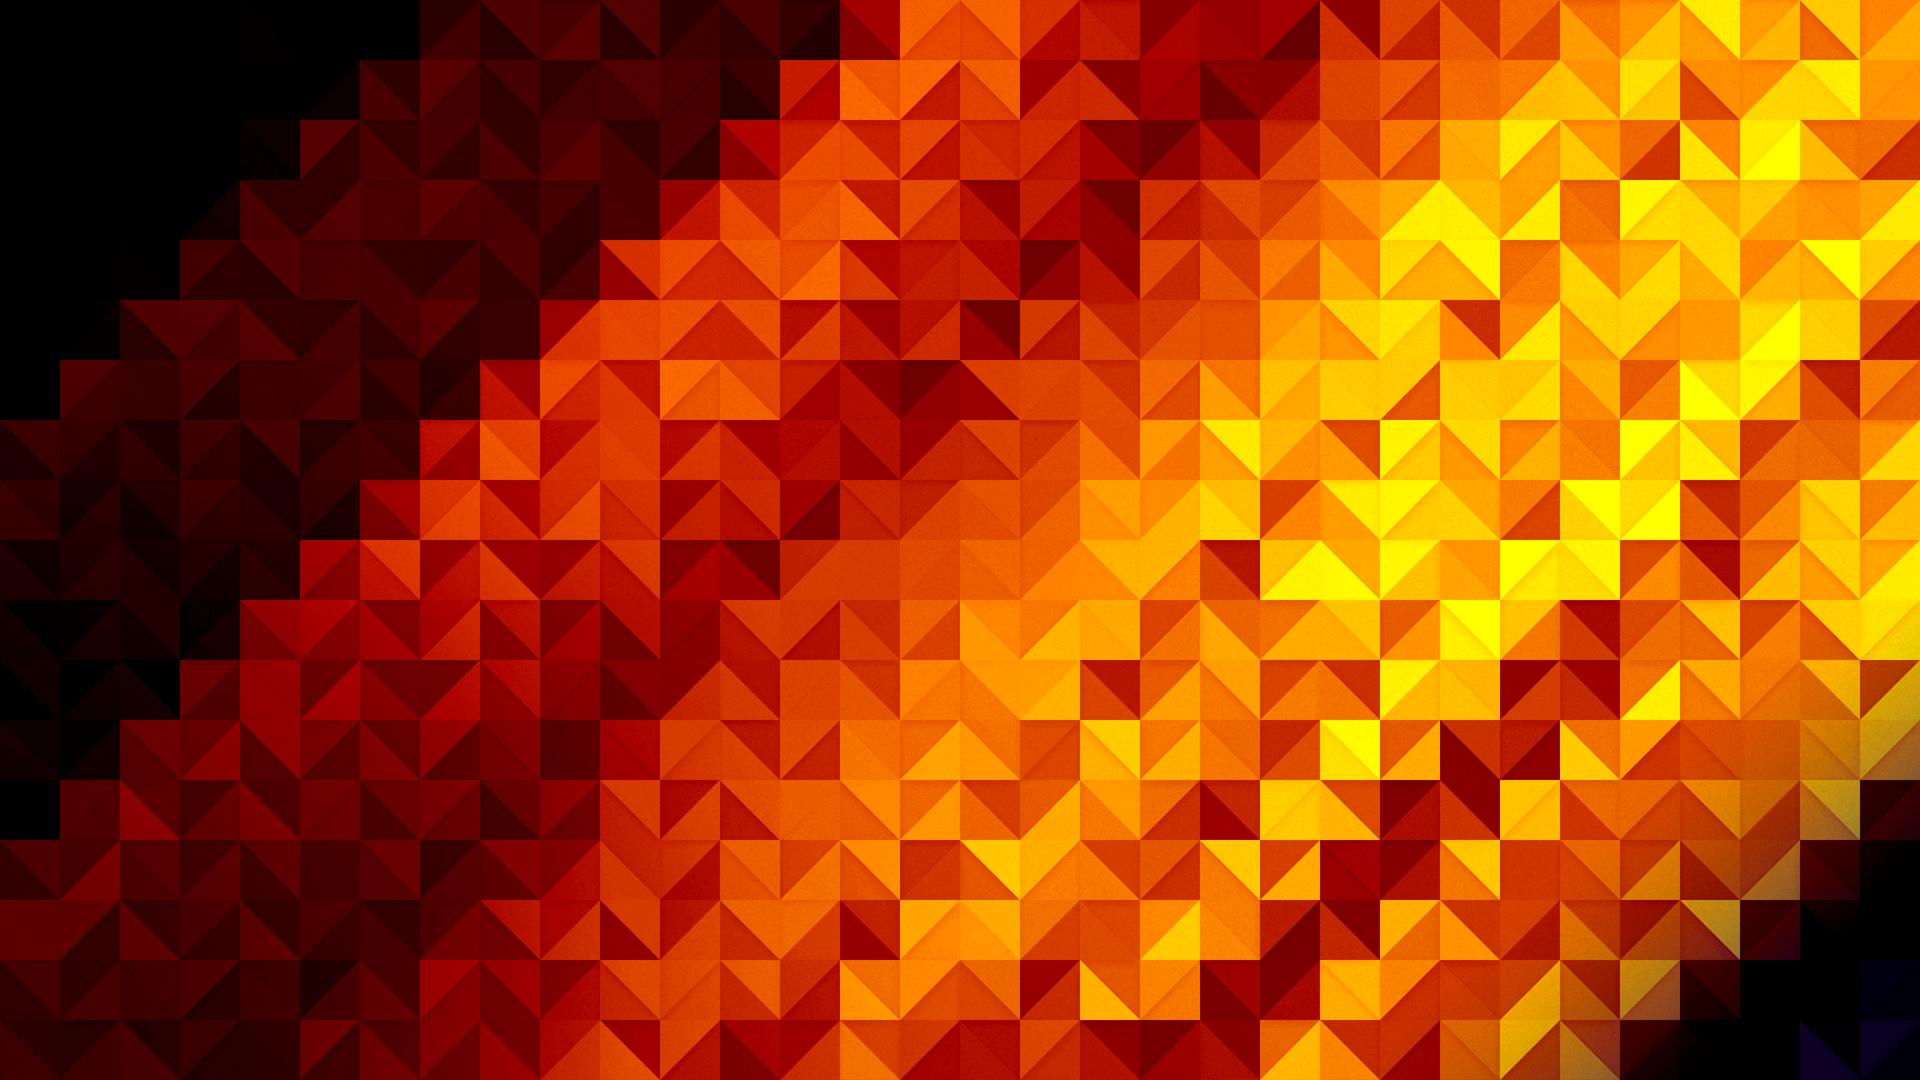 Hintergrundbilder illustration digitale kunst rot for Tapete gelb muster